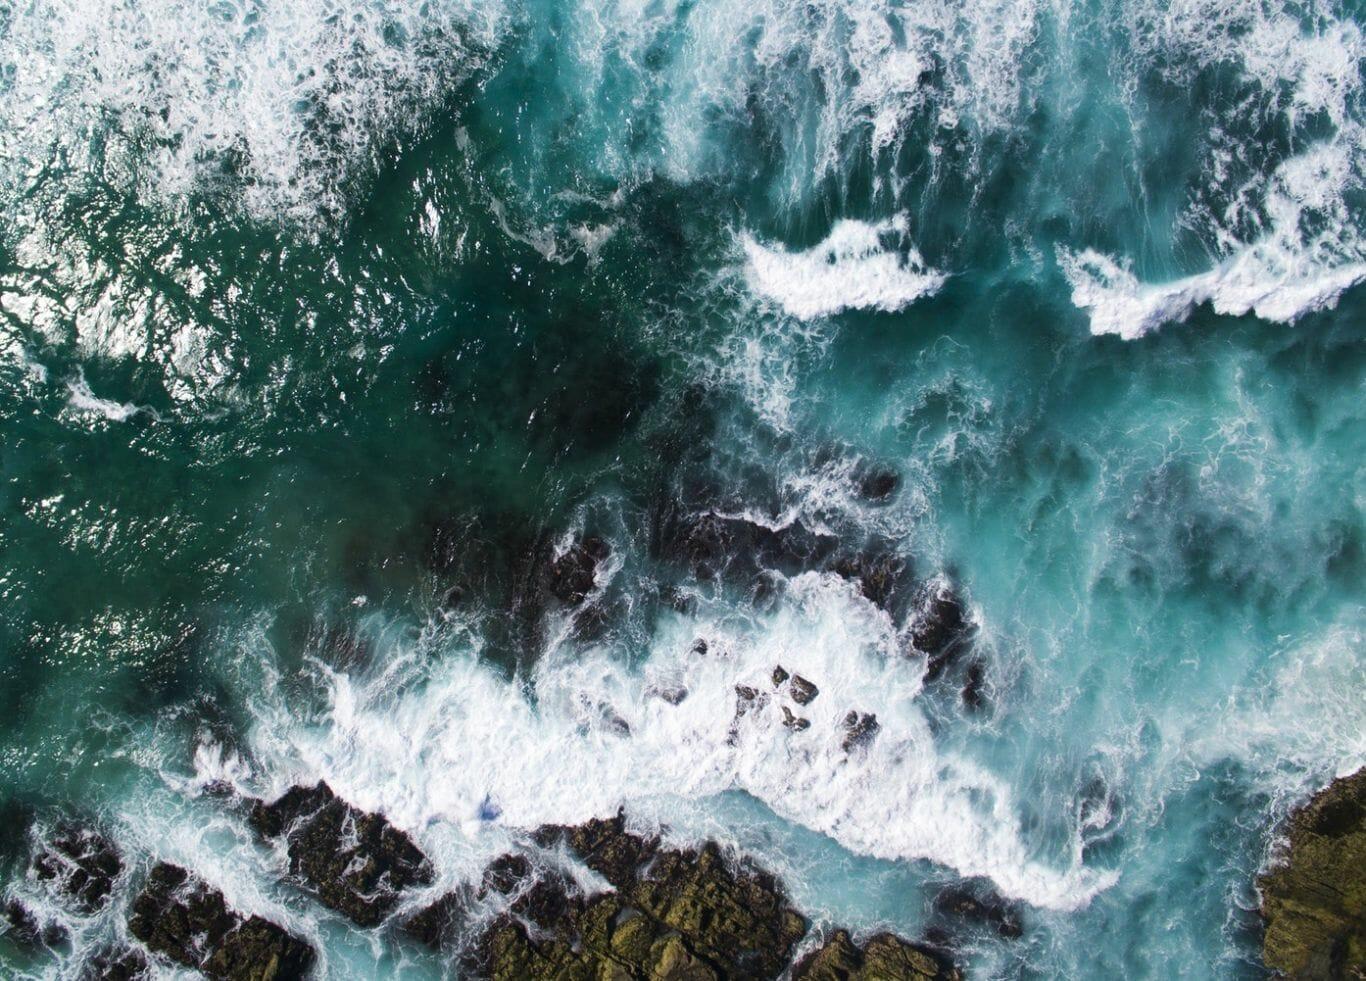 Ondas do mar quebrando nas pedras